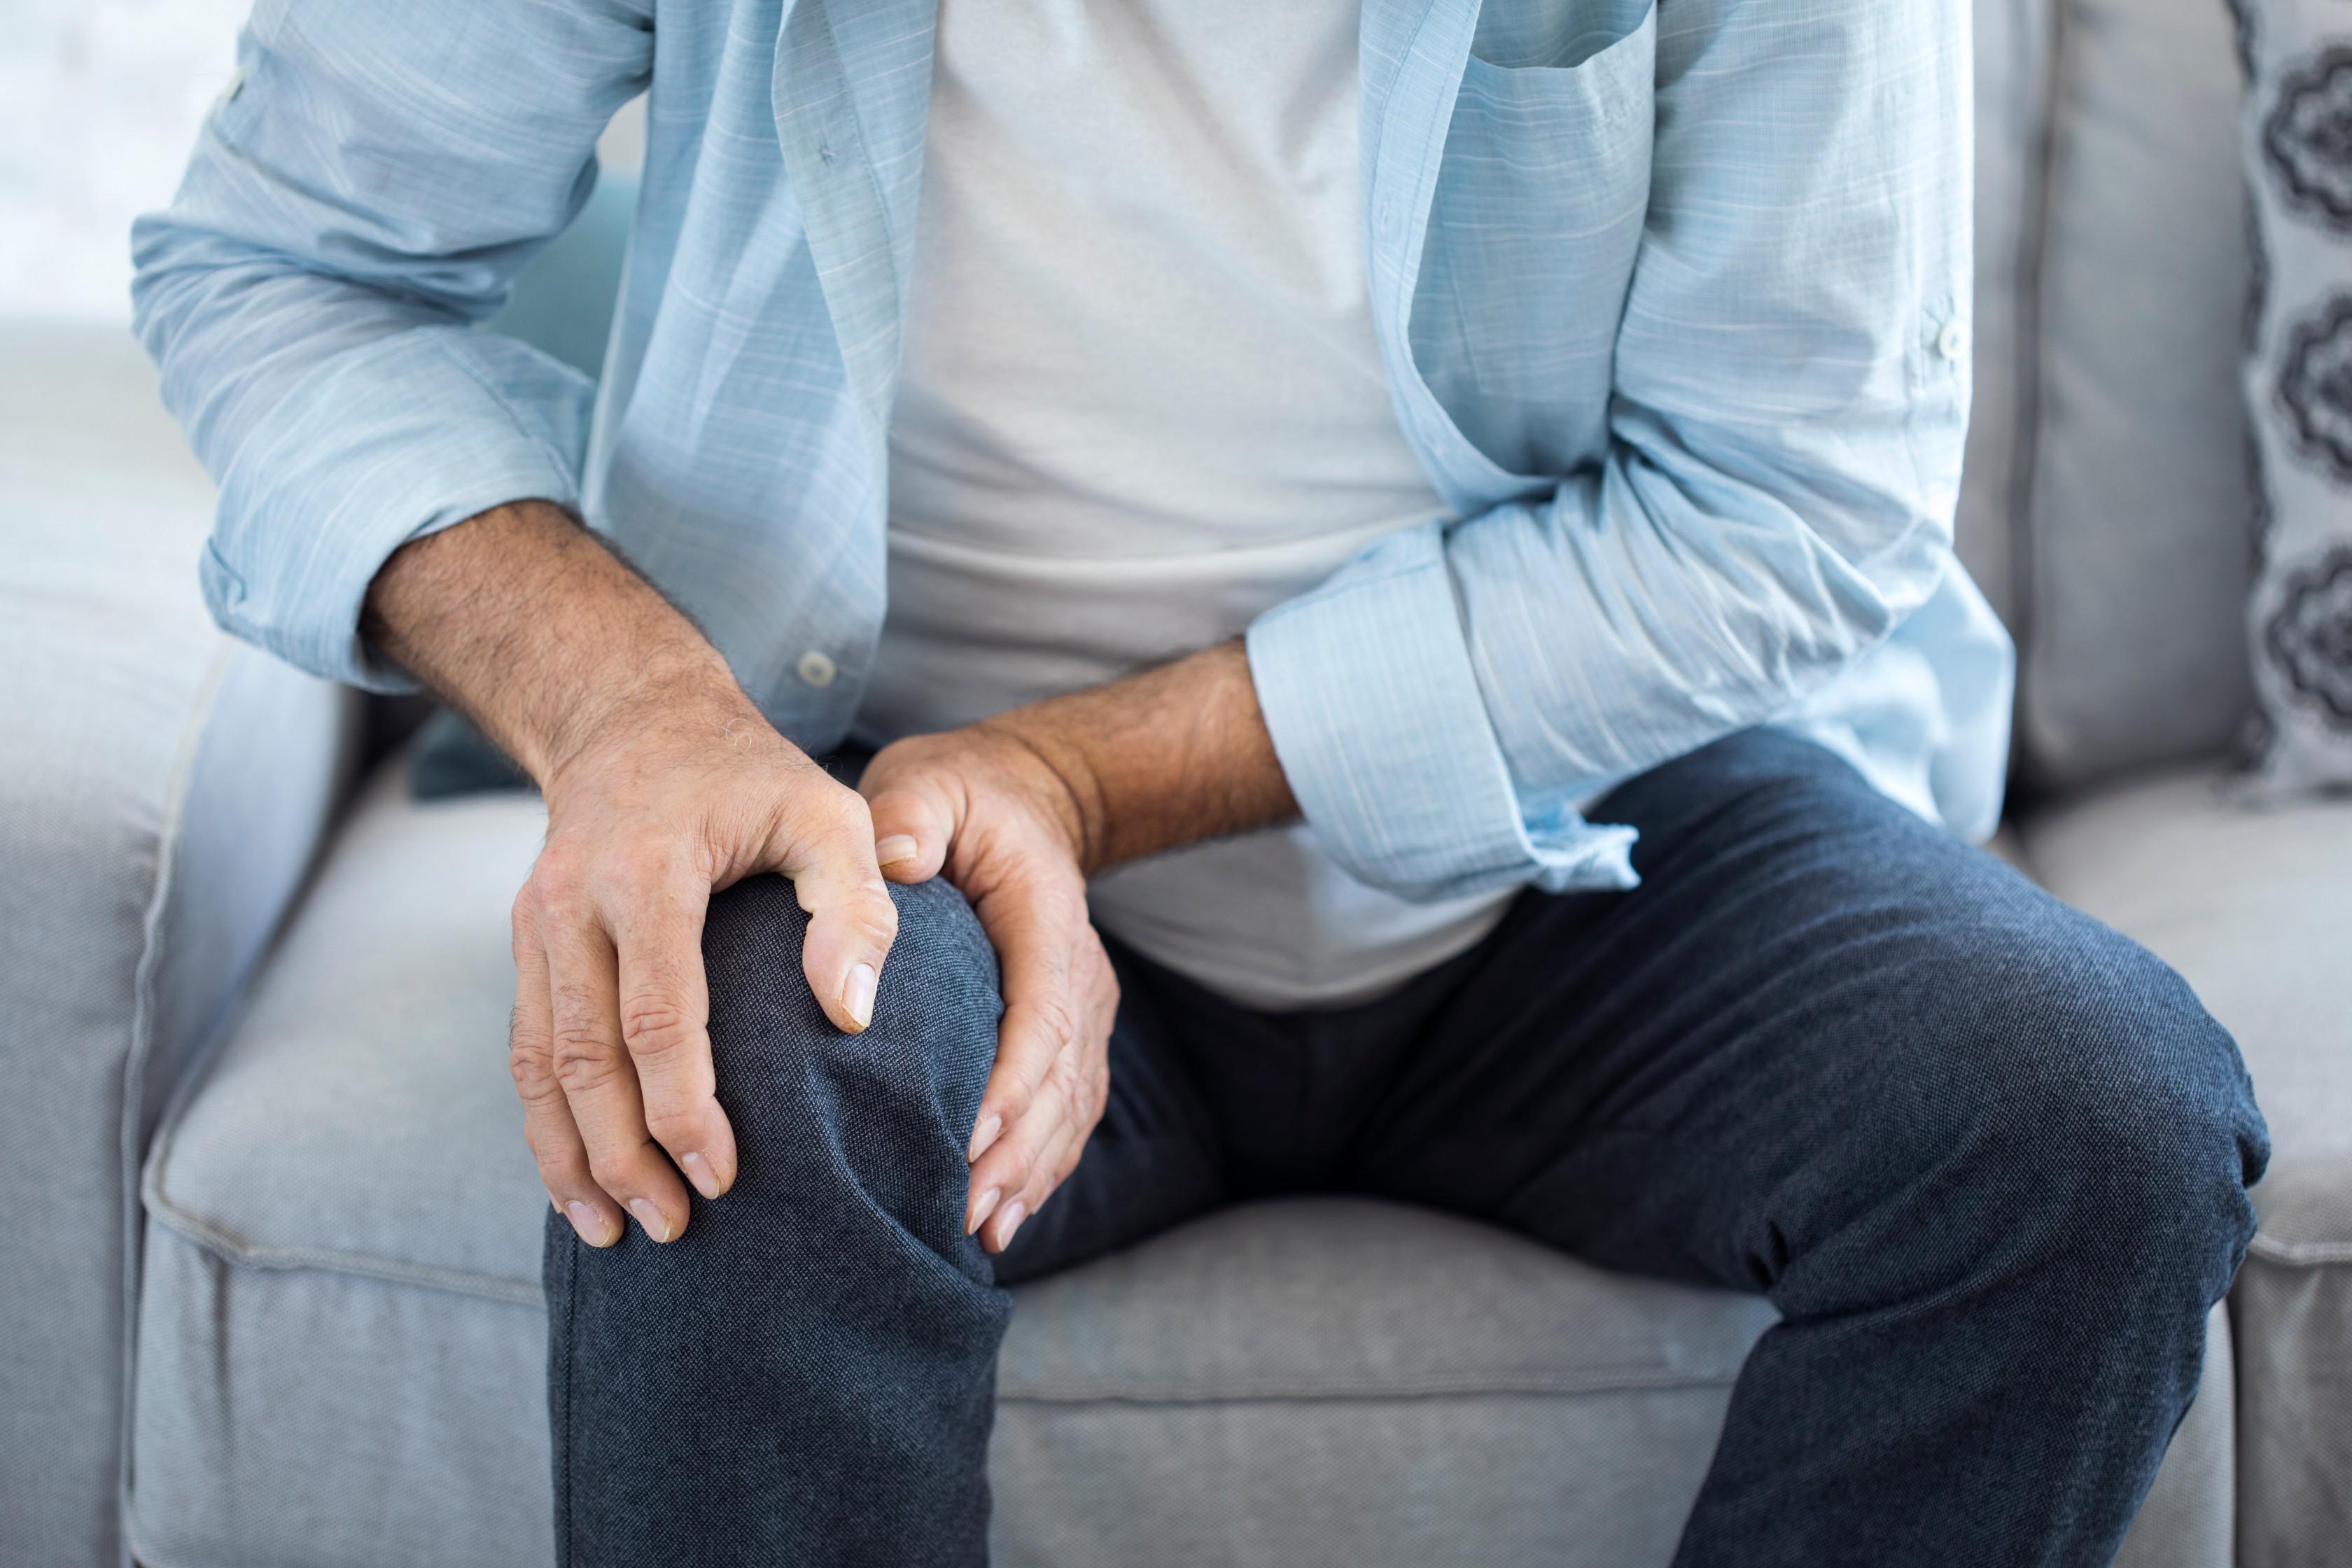 Hogyan használhat zselatint az ízületek kezelésére, hogyan működik, ellenjavallatok - Köszvény July